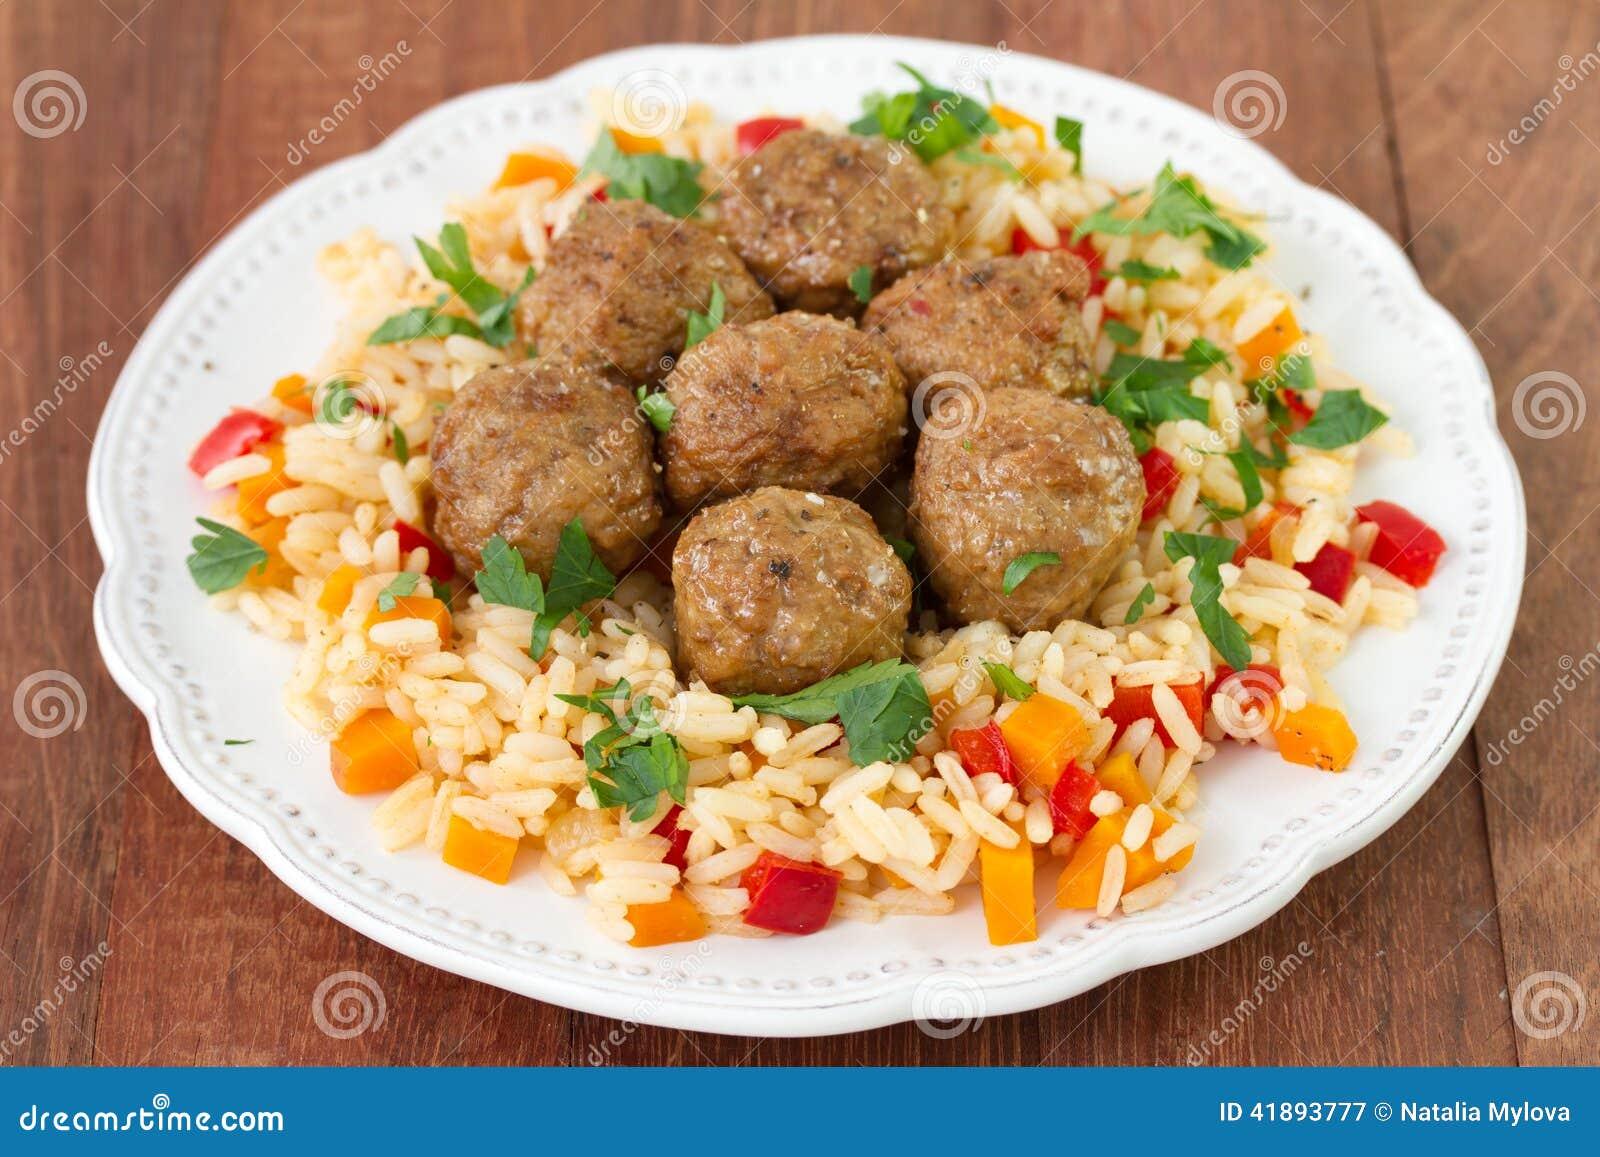 Alb ndigas con arroz con las verduras foto de archivo - Albondigas de verdura ...